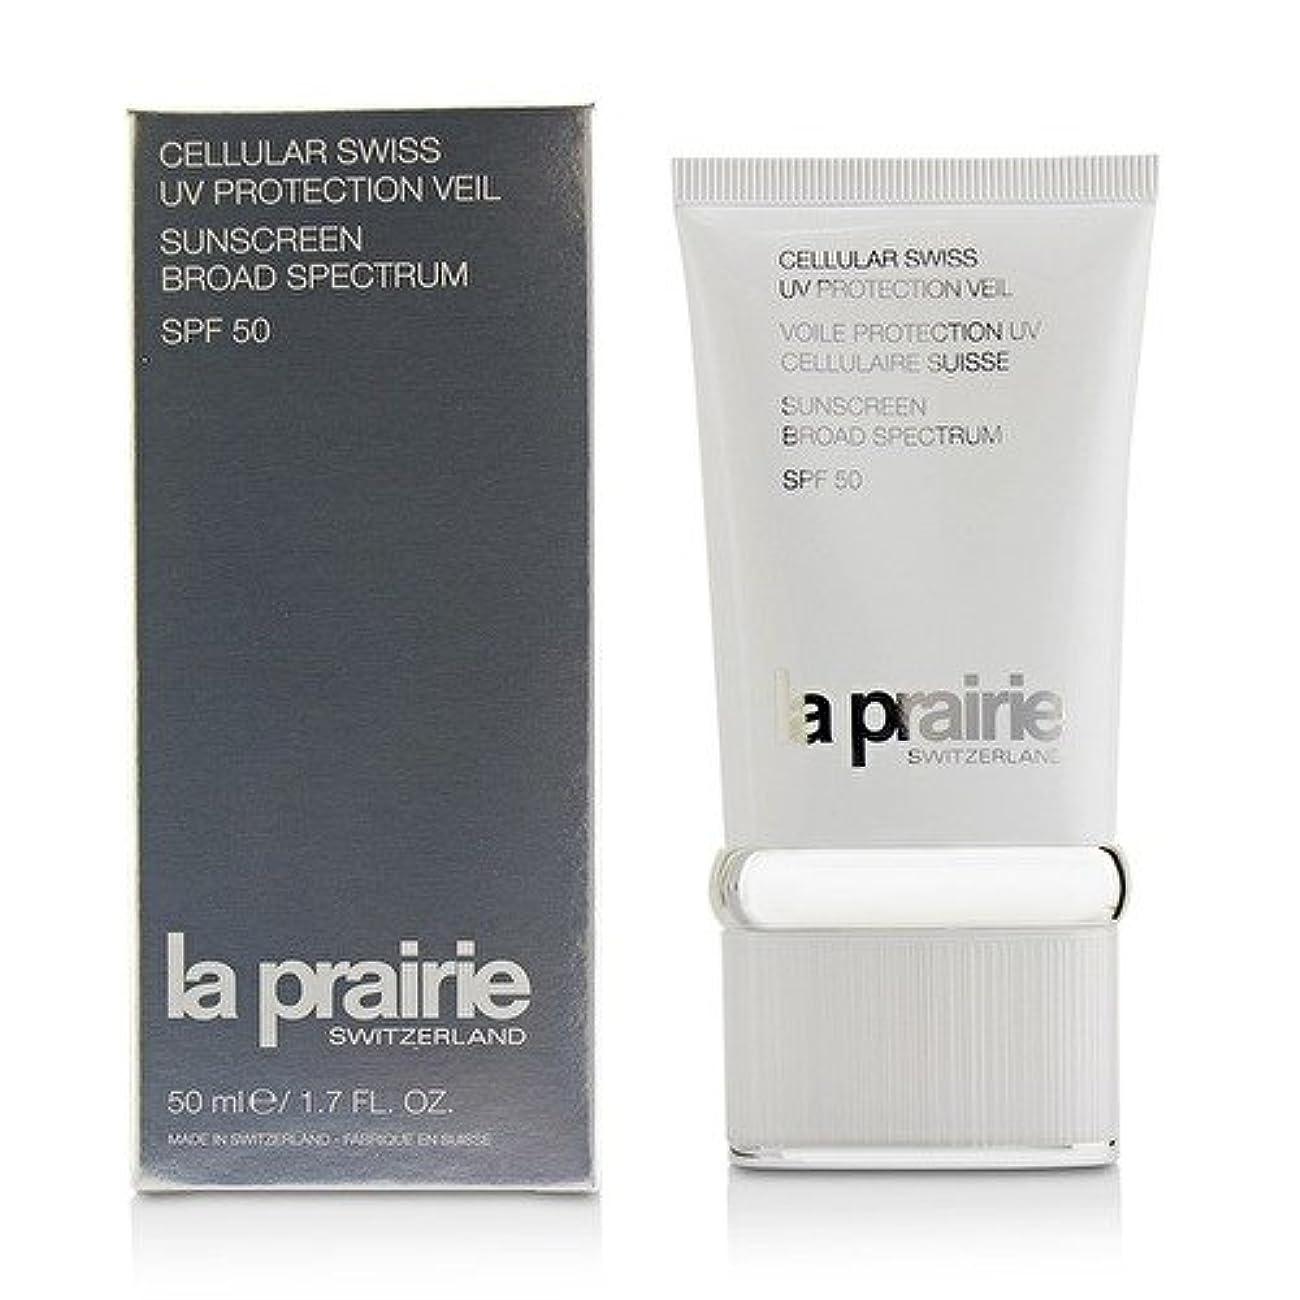 頼む不規則な民族主義ラプレリー Cellular Swiss UV Protection Veil SPF50 50ml/1.7oz並行輸入品